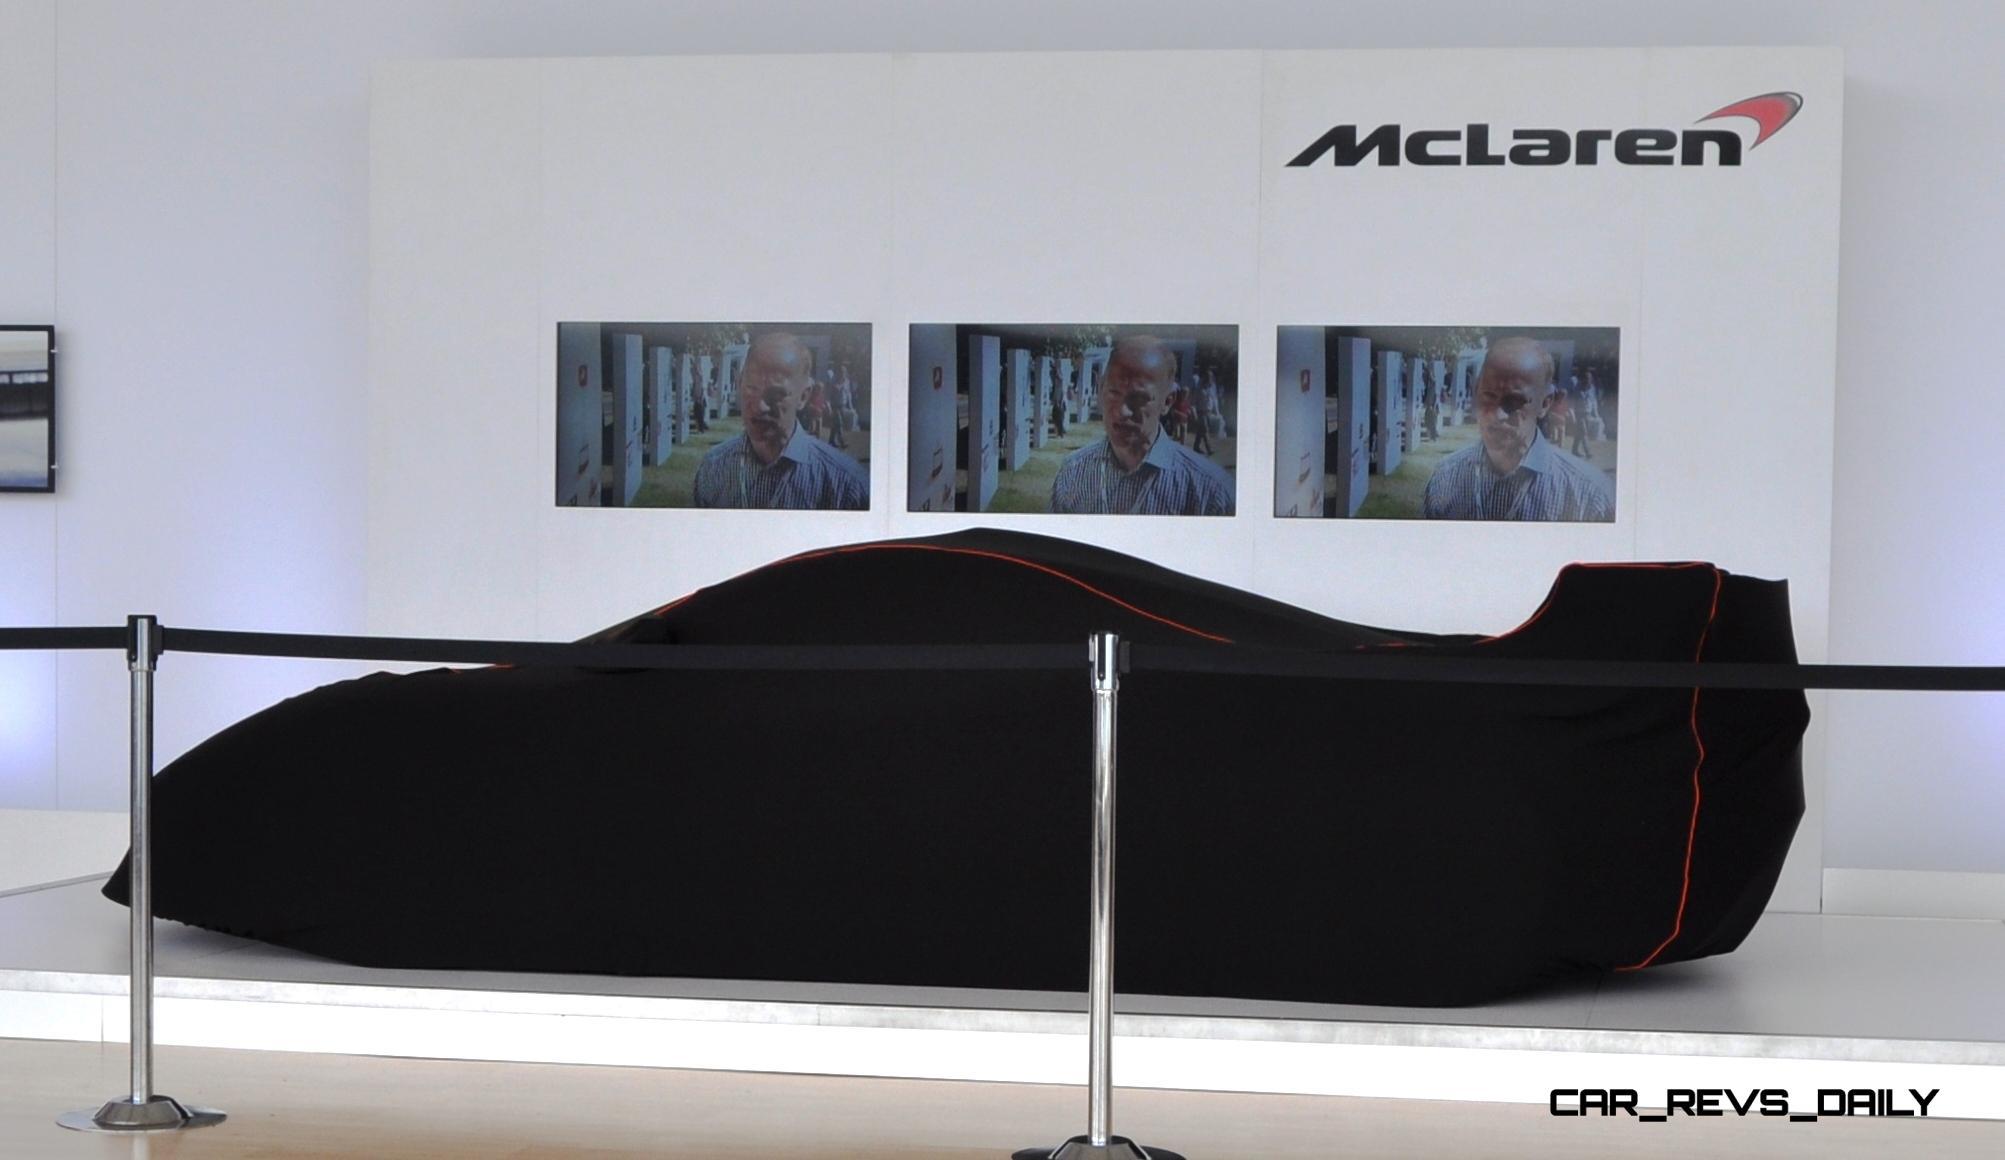 2015 McLaren P1 GTR - Pebble Beach World Debut in 55 High-Res Photos 1